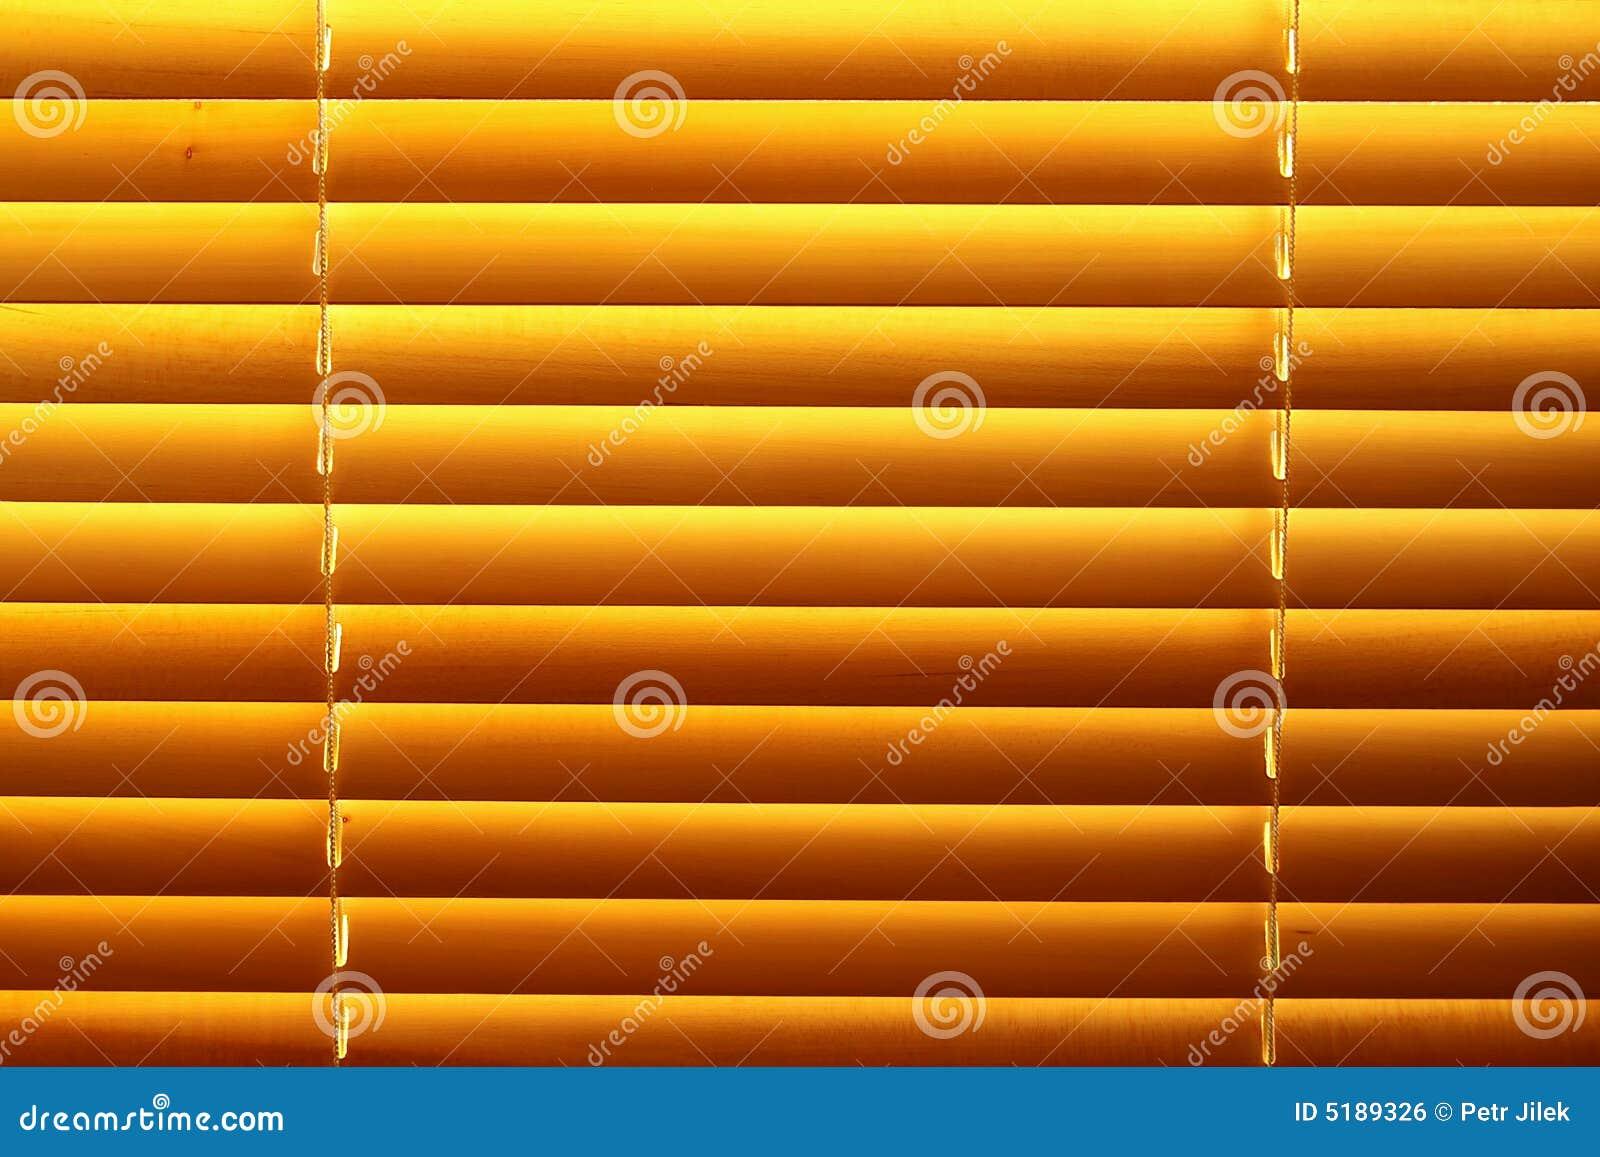 Horizontal yellow jalousie